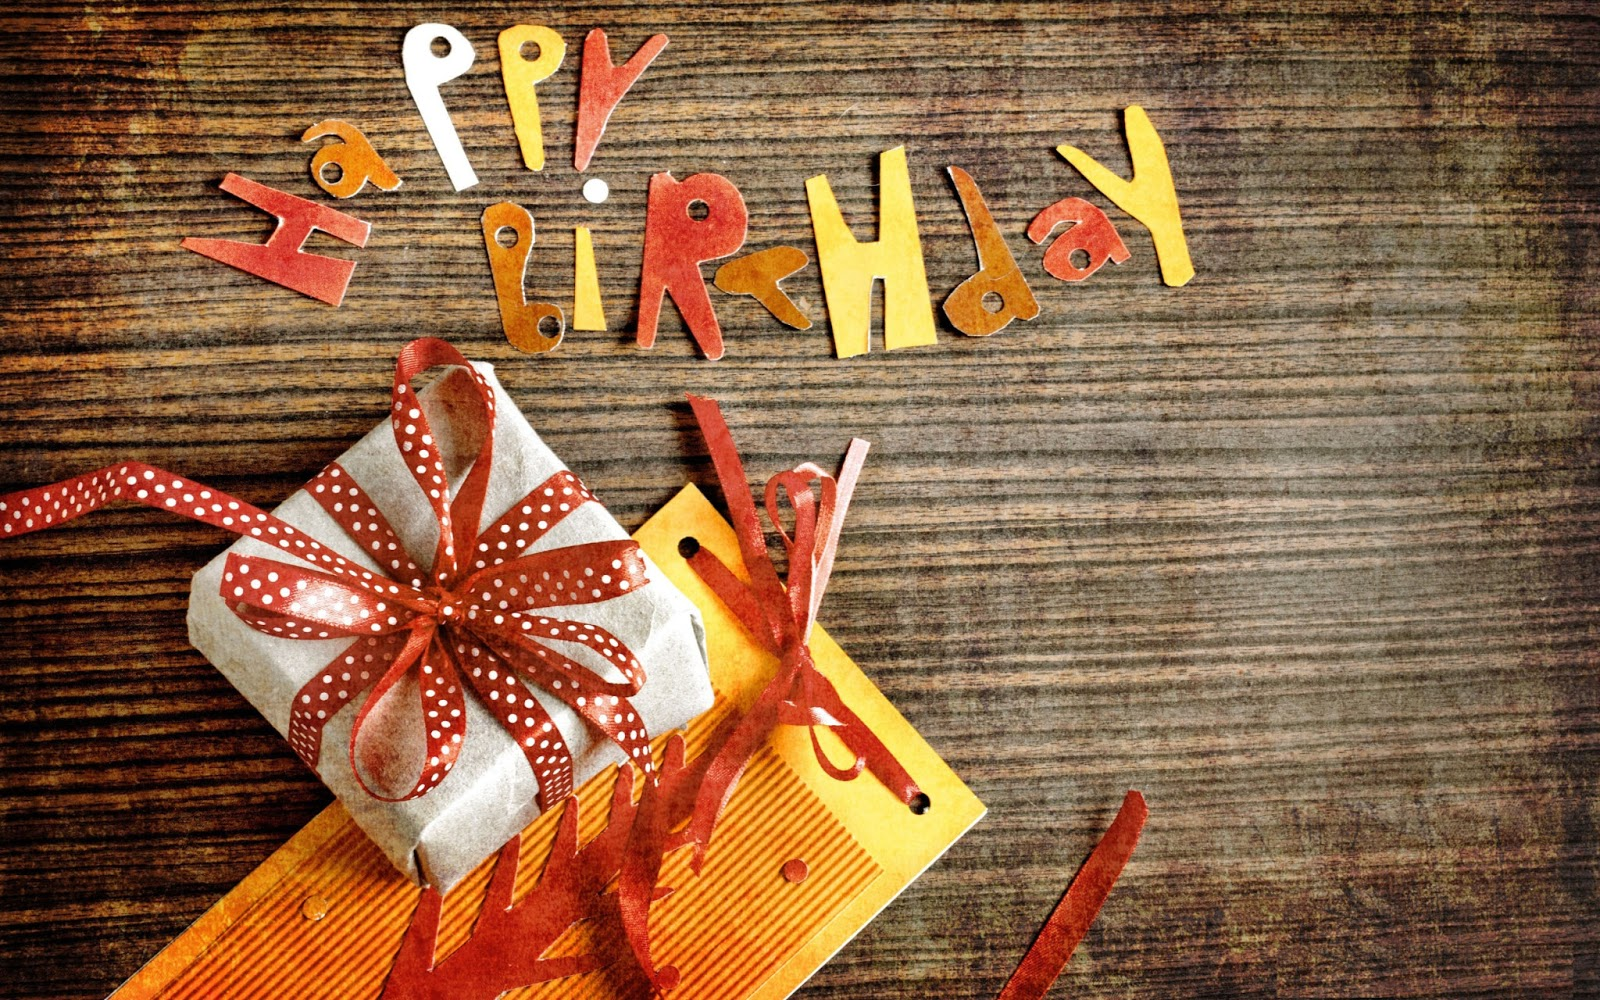 Поздравления с днем рождения с подарками для мужчины